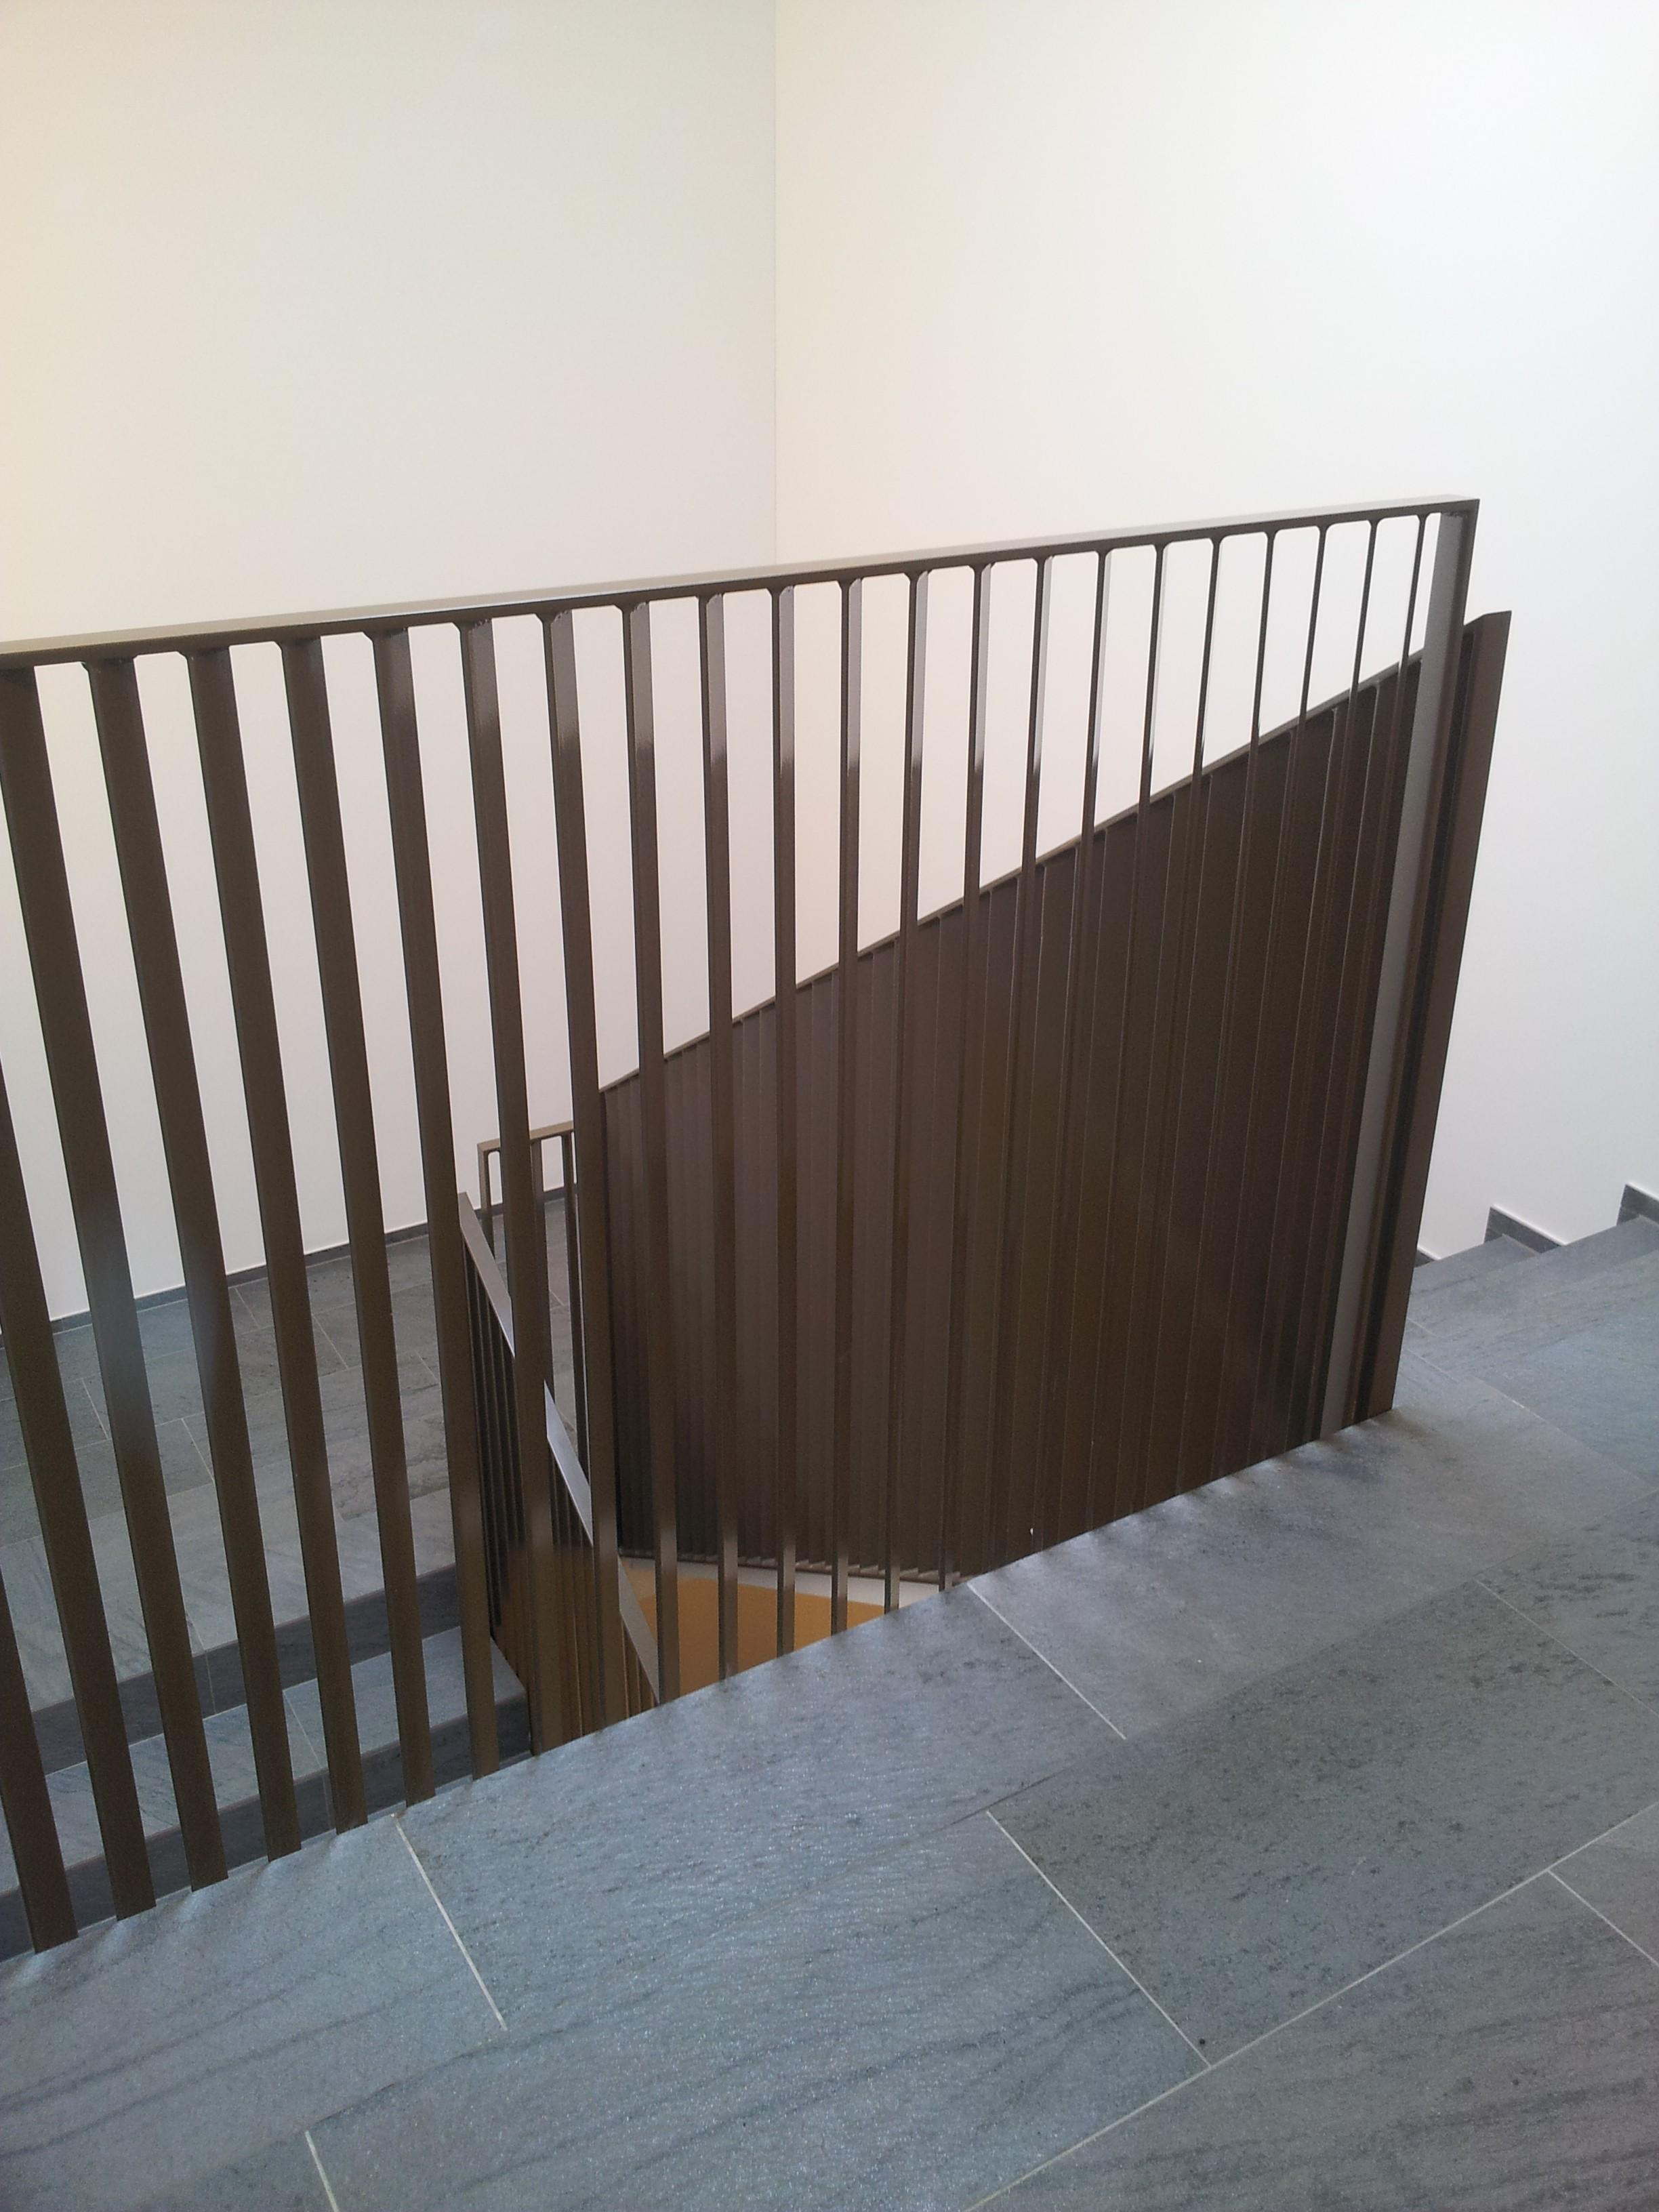 Metalltreppe_Treppe_Geländer